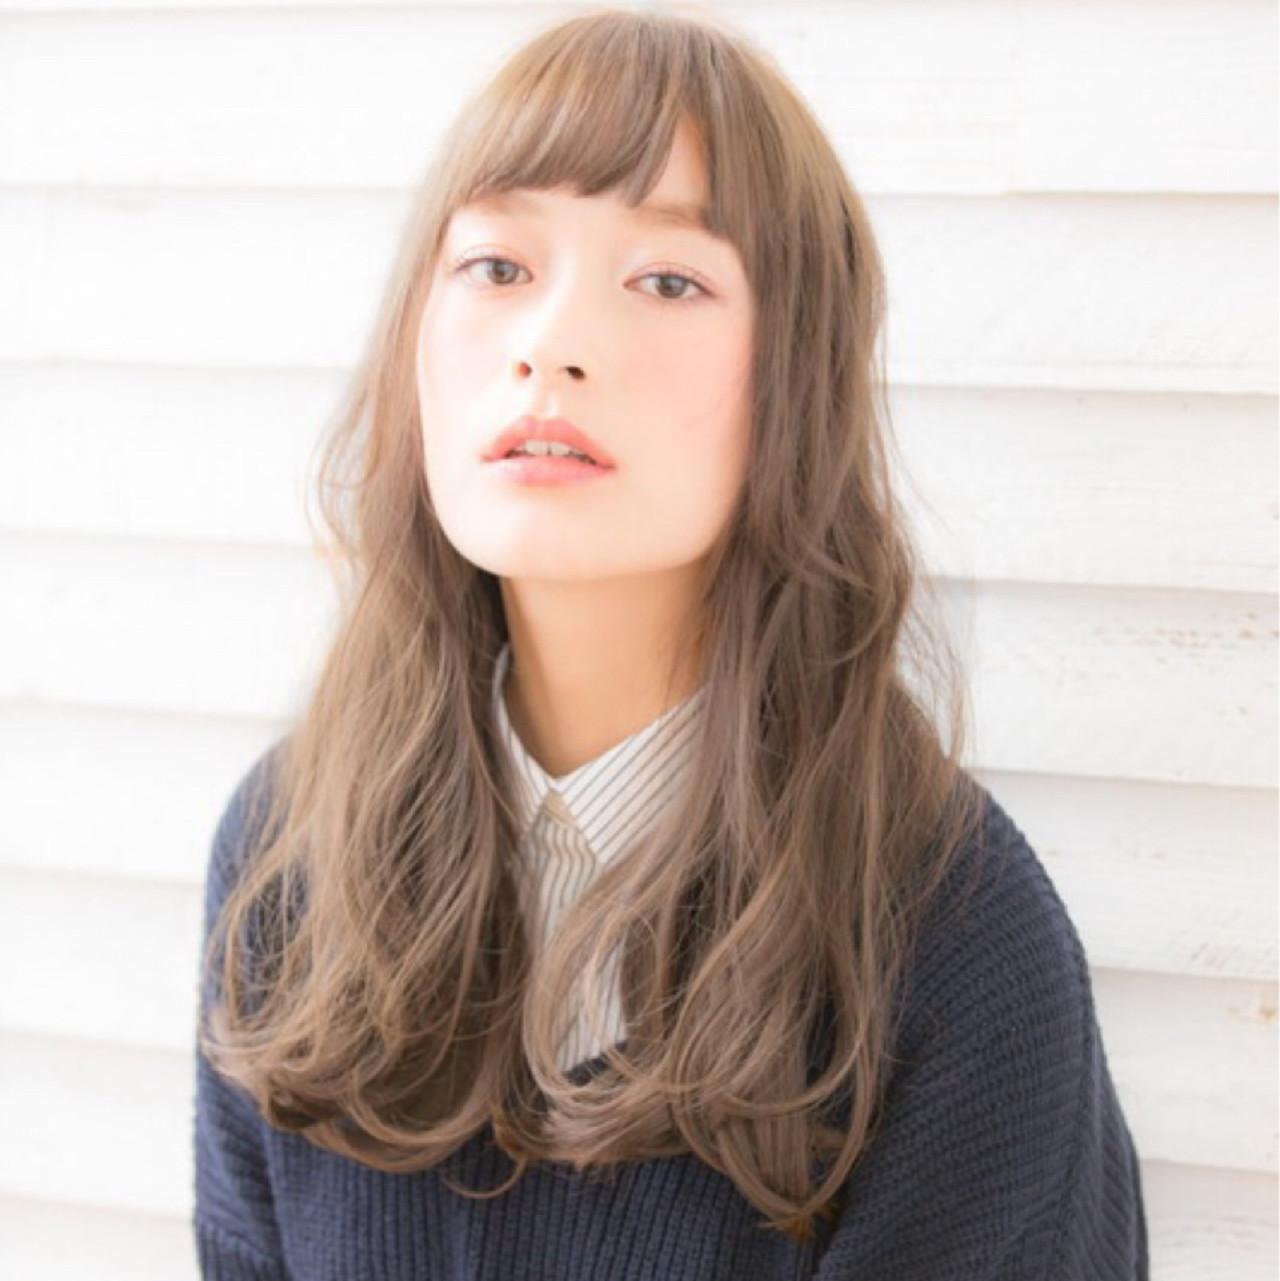 小顔 ナチュラル こなれ感 アッシュ ヘアスタイルや髪型の写真・画像 | 竹澤 優/relian青山Top stylist / relian青山